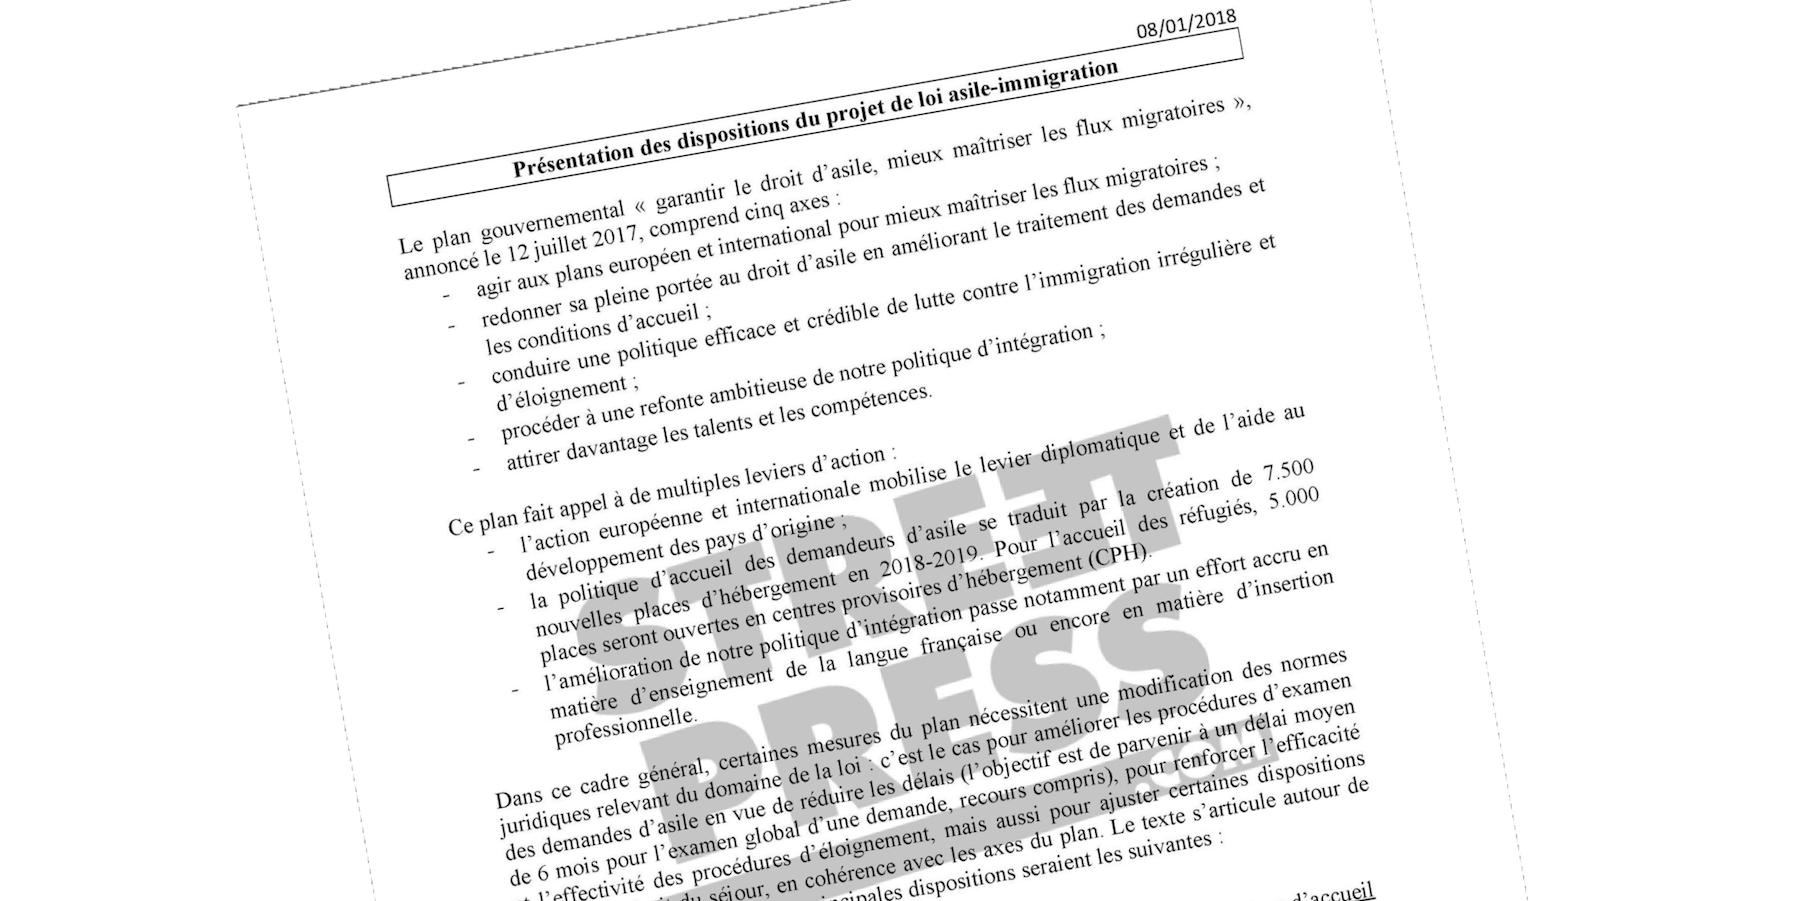 Les pistes du gouvernement Macron pour expulser plus de migrants